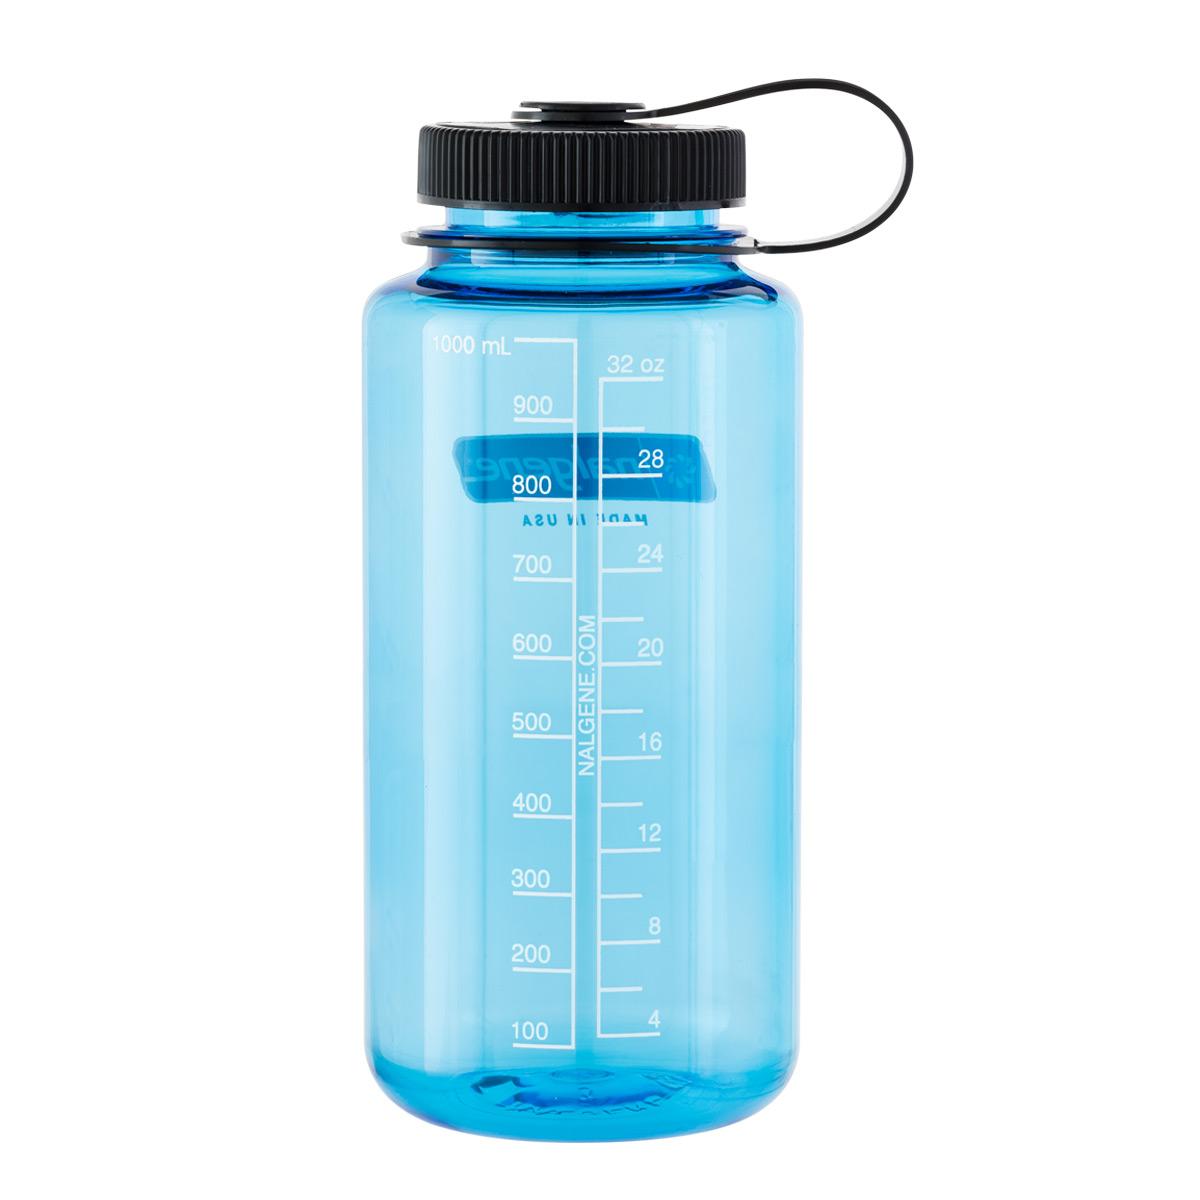 Leakproof Bottle